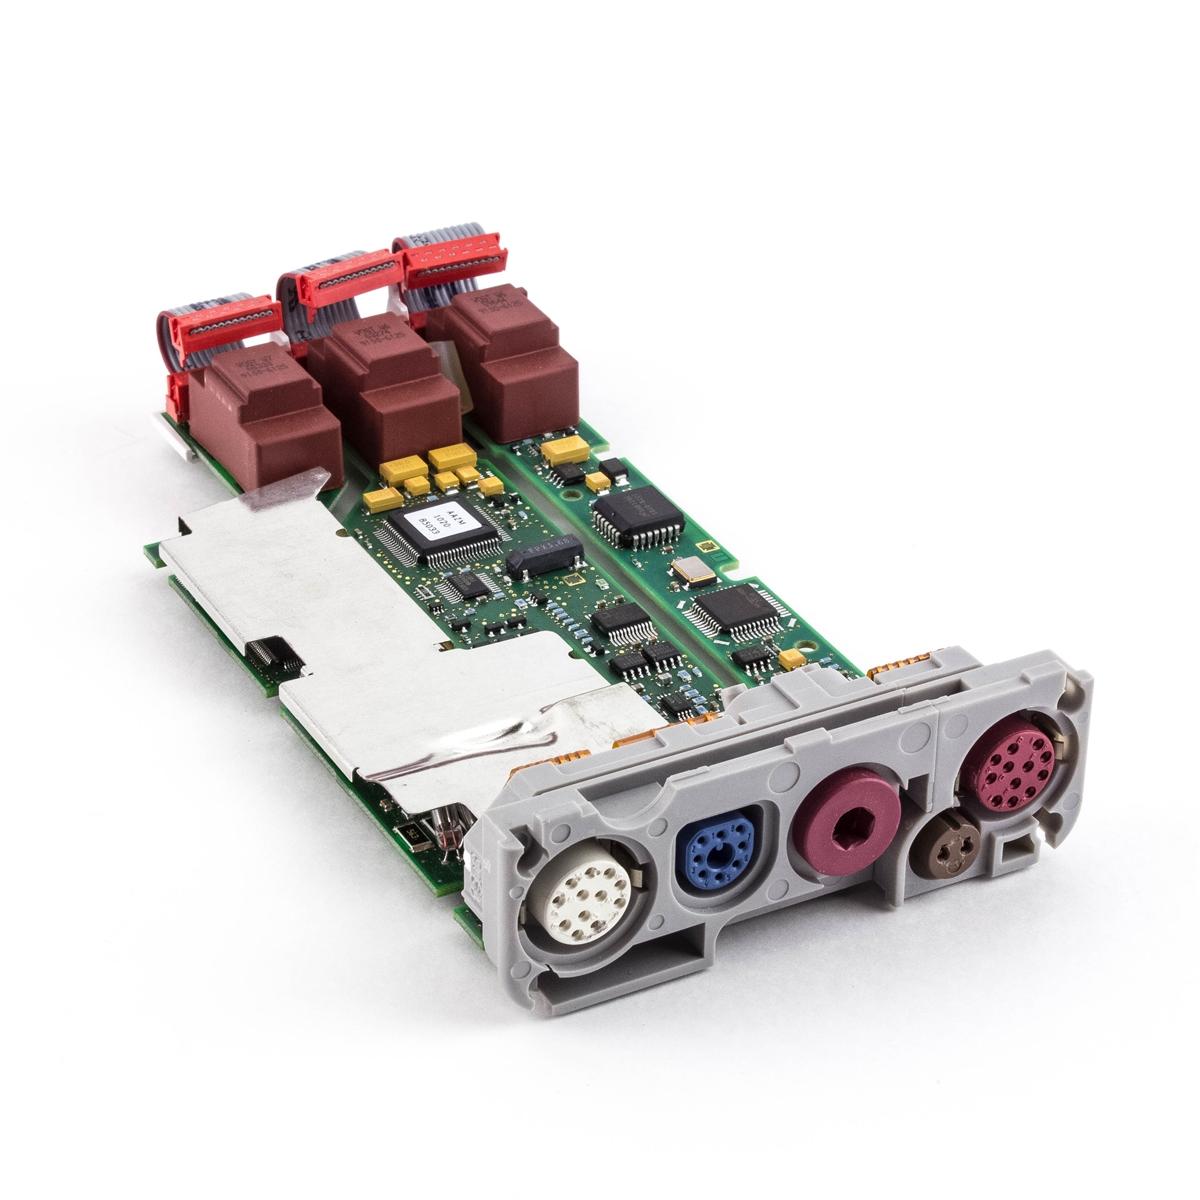 Philips IntelliVue M3001A A02C06 Parameter Boards Nellcor OxiMax SpO2 NiBP 5 Lead ECG IBP Temp